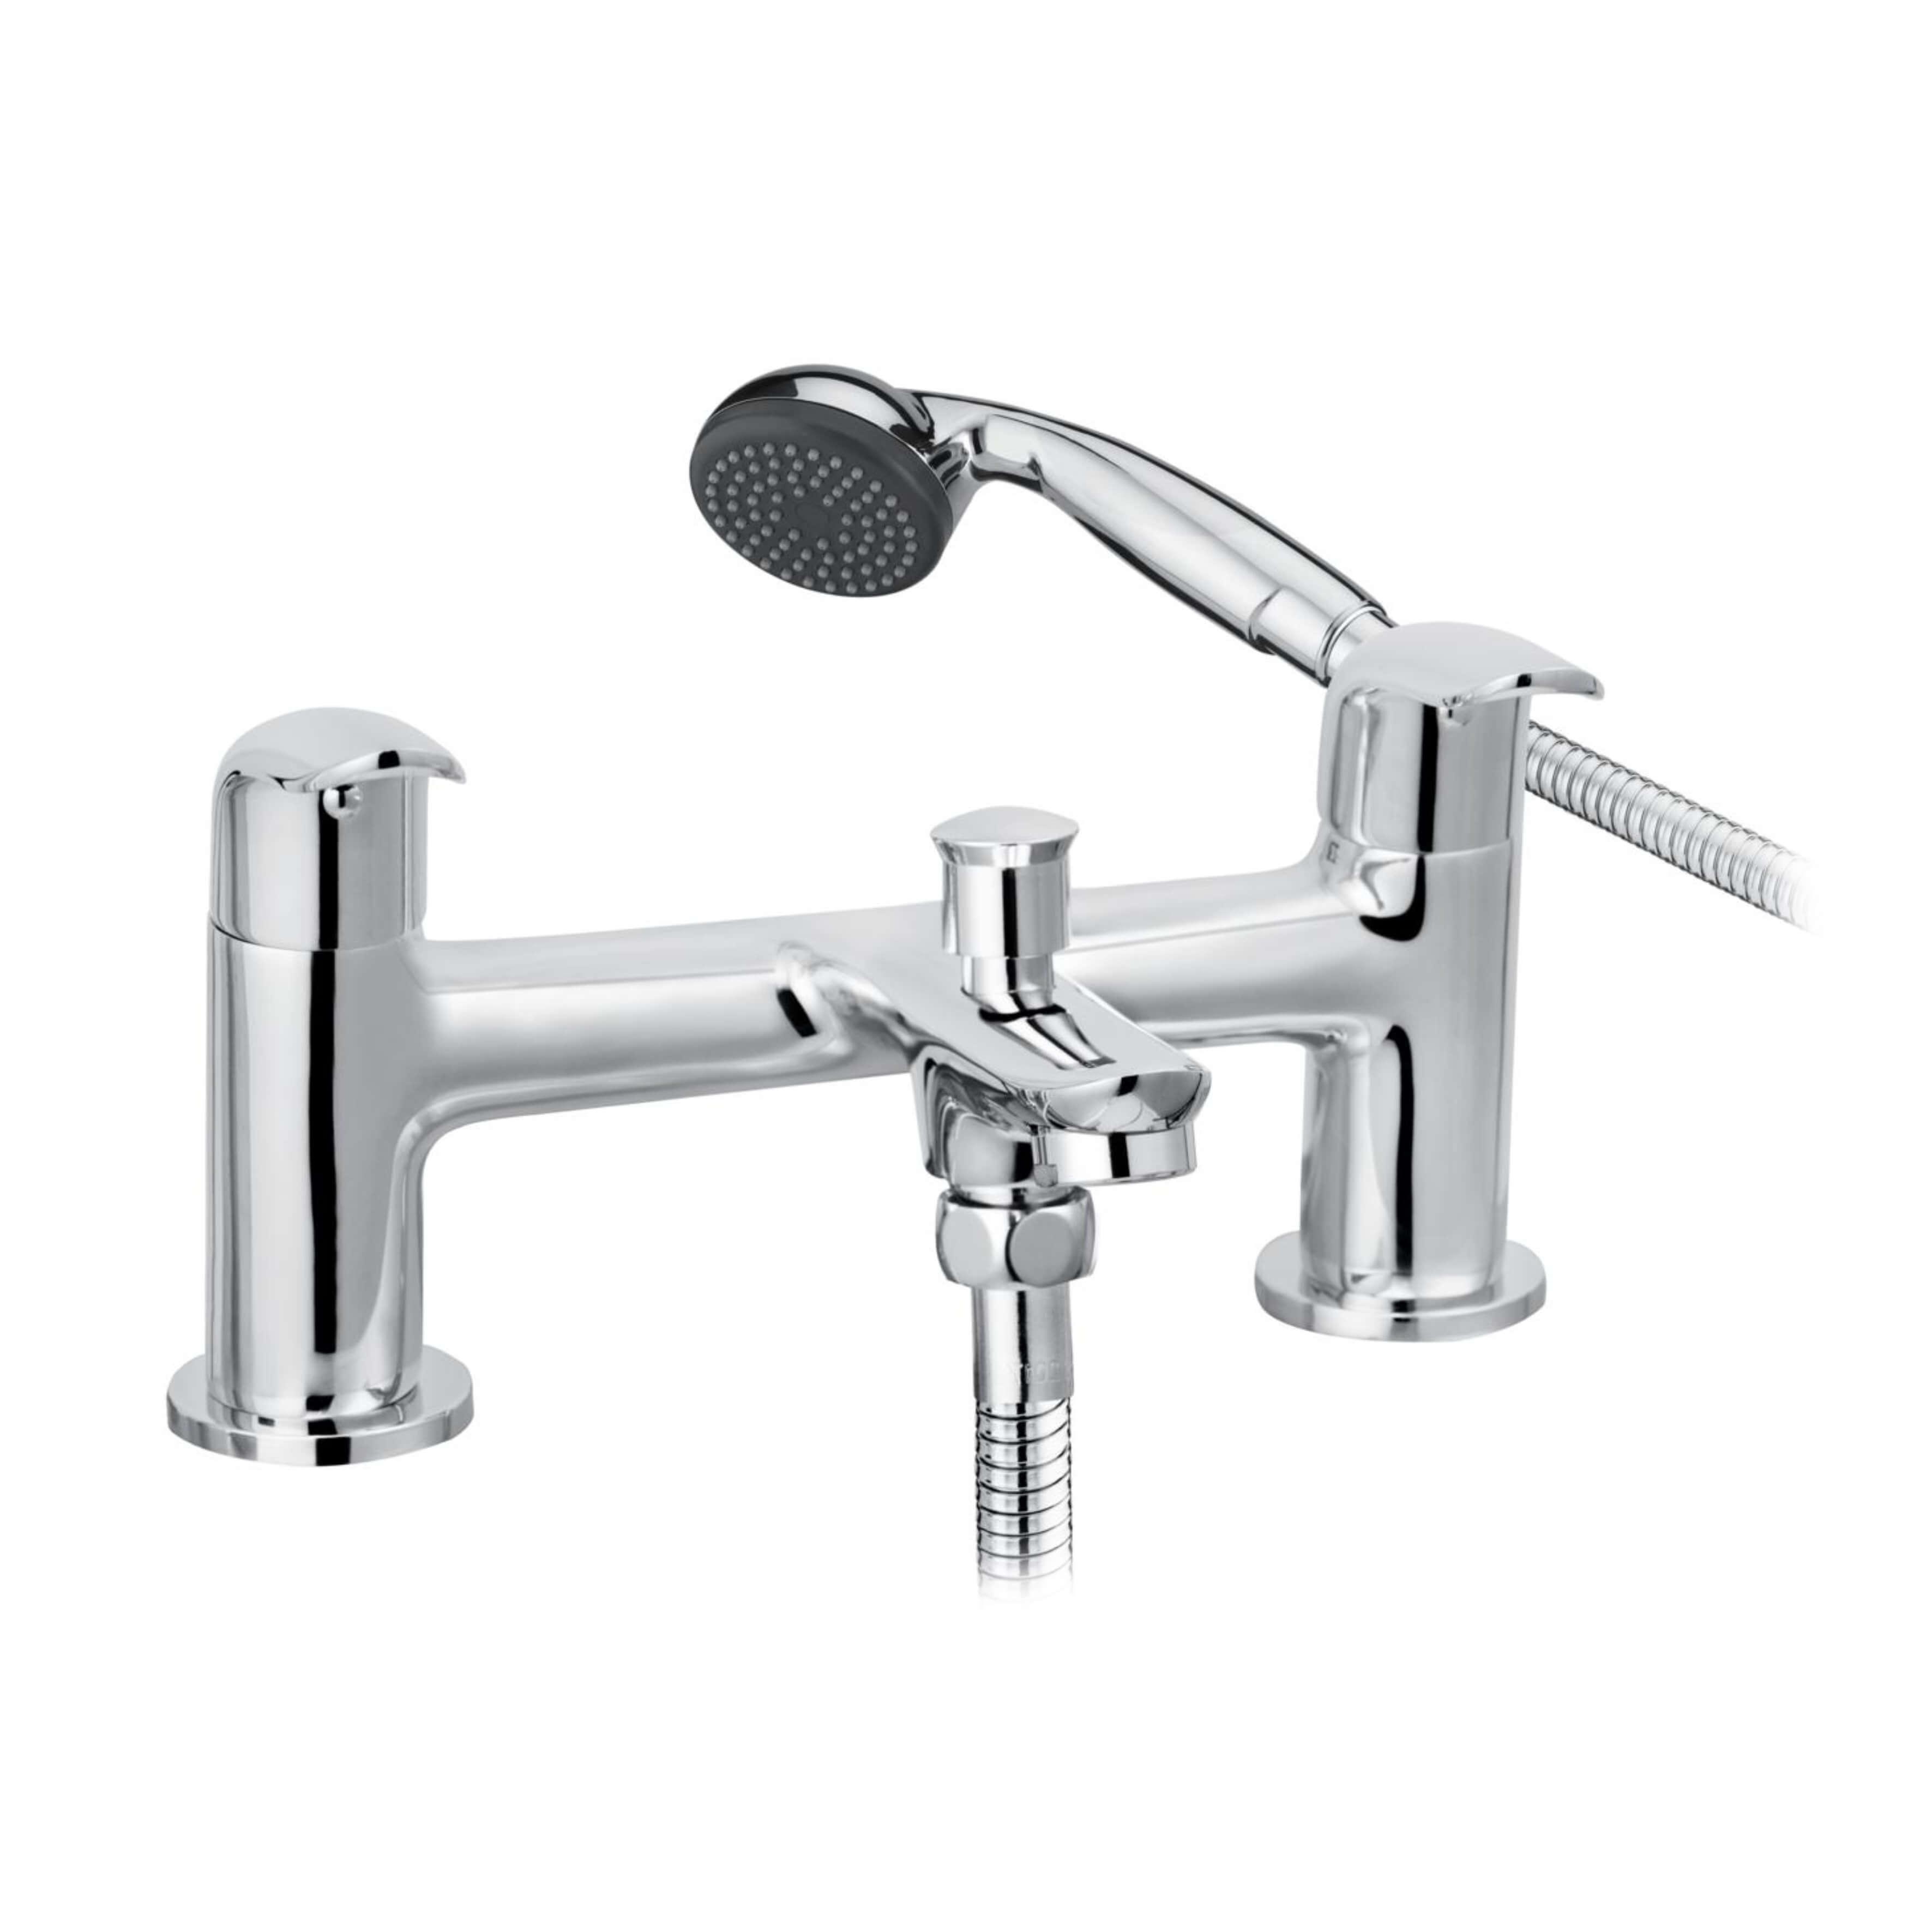 Cascade Arch Bath Shower Mixer Chrome 002.21913.3